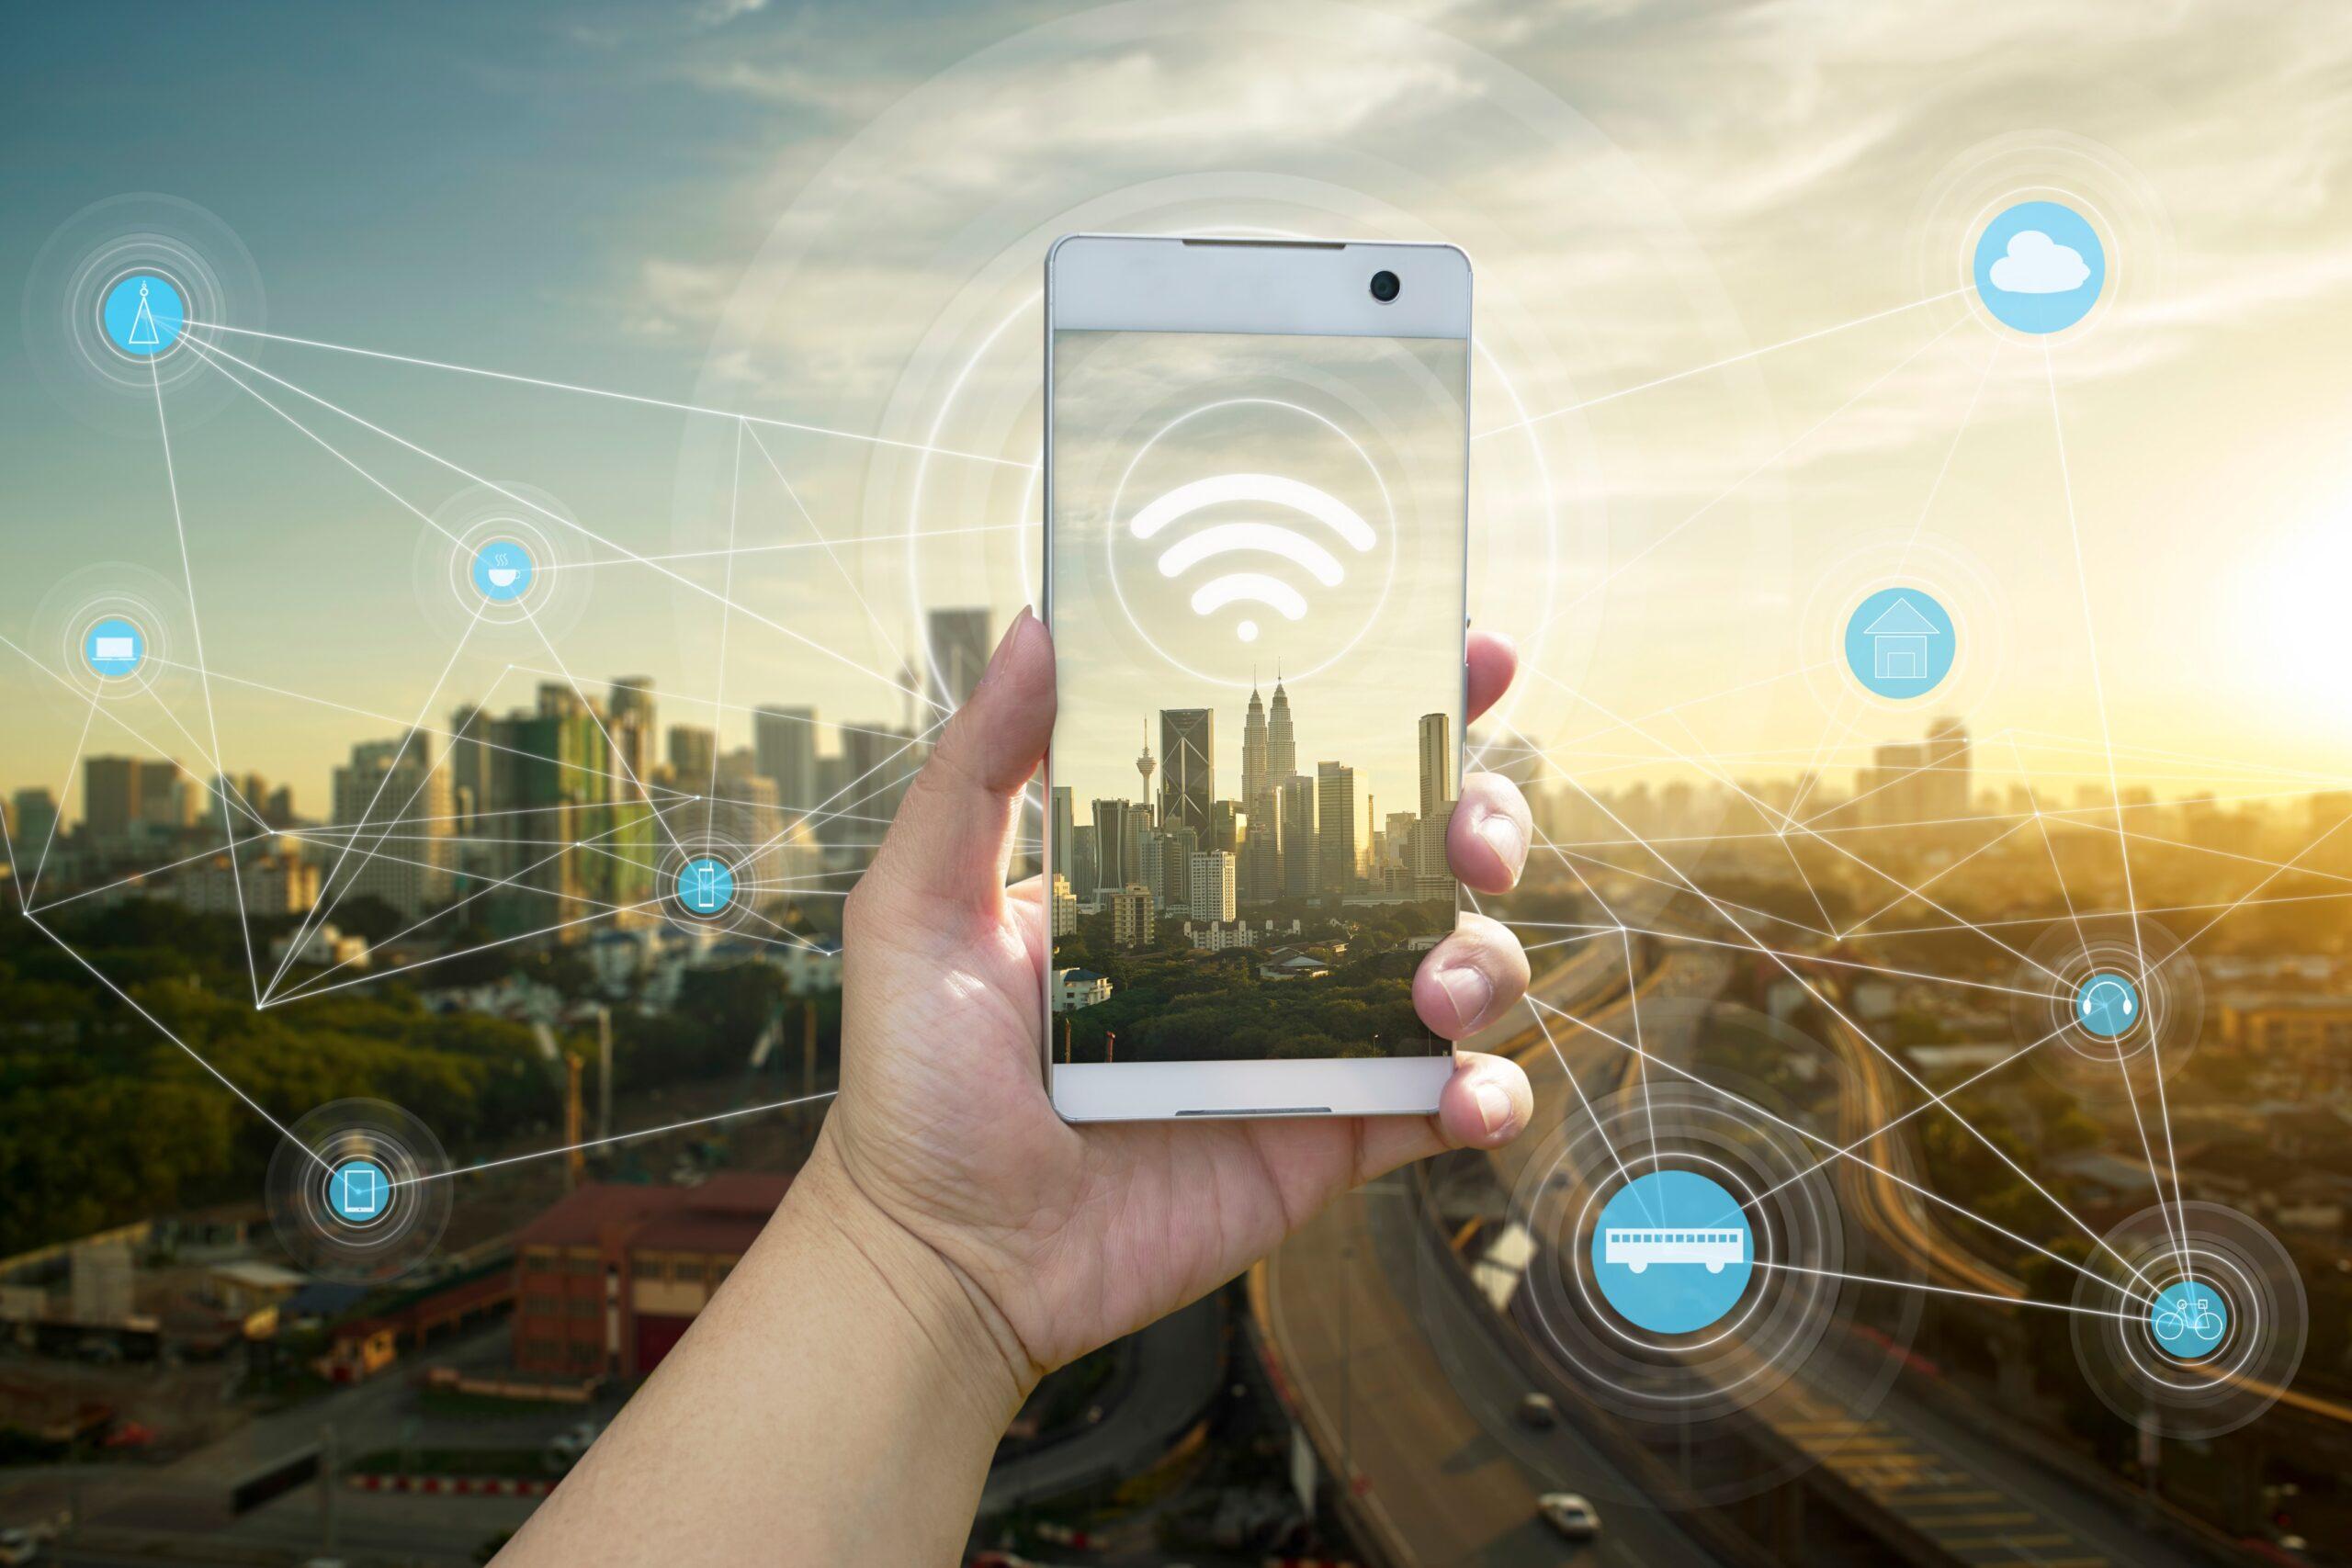 Problemă de autentificare la wi-fi pe telefon - Posibile cauze și soluții pentru remedierea situației!